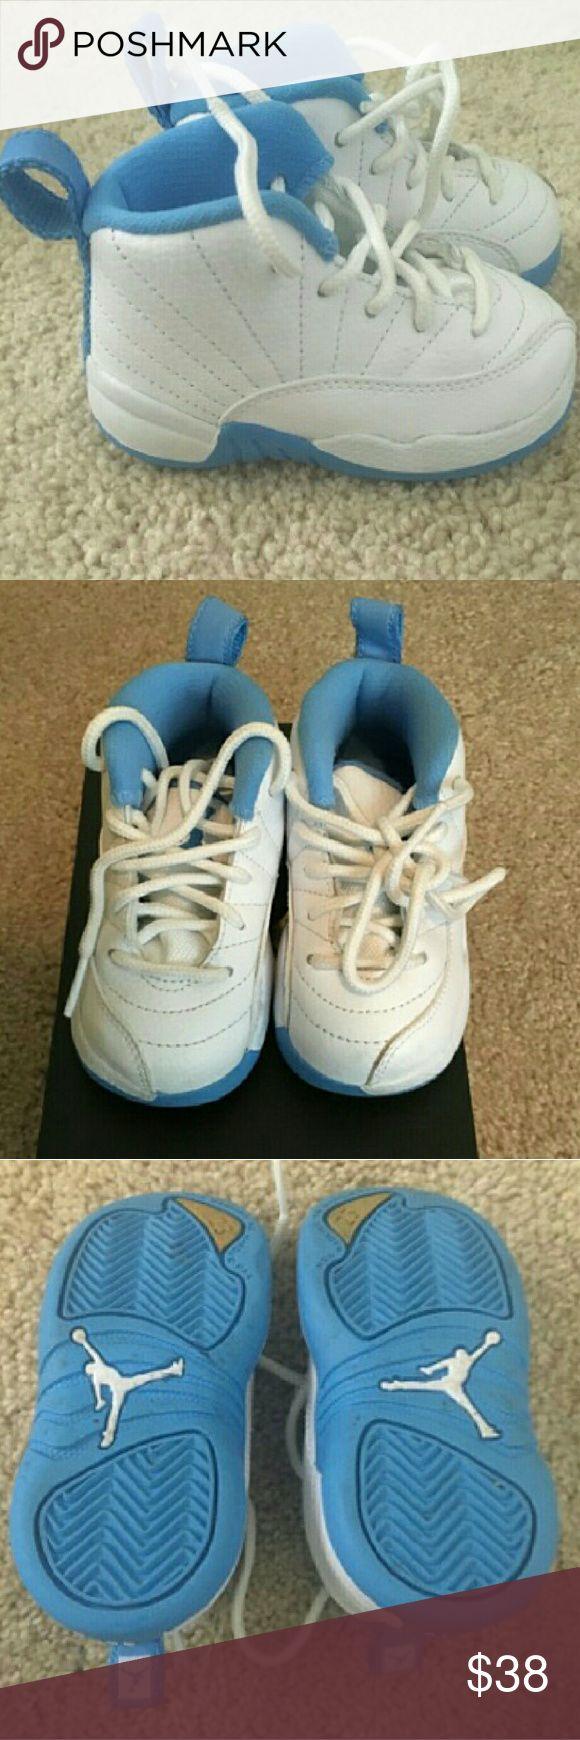 Jordans mToddler Toddler Carolina blue and white Jordans size 5c Jordan Shoes Sneakers